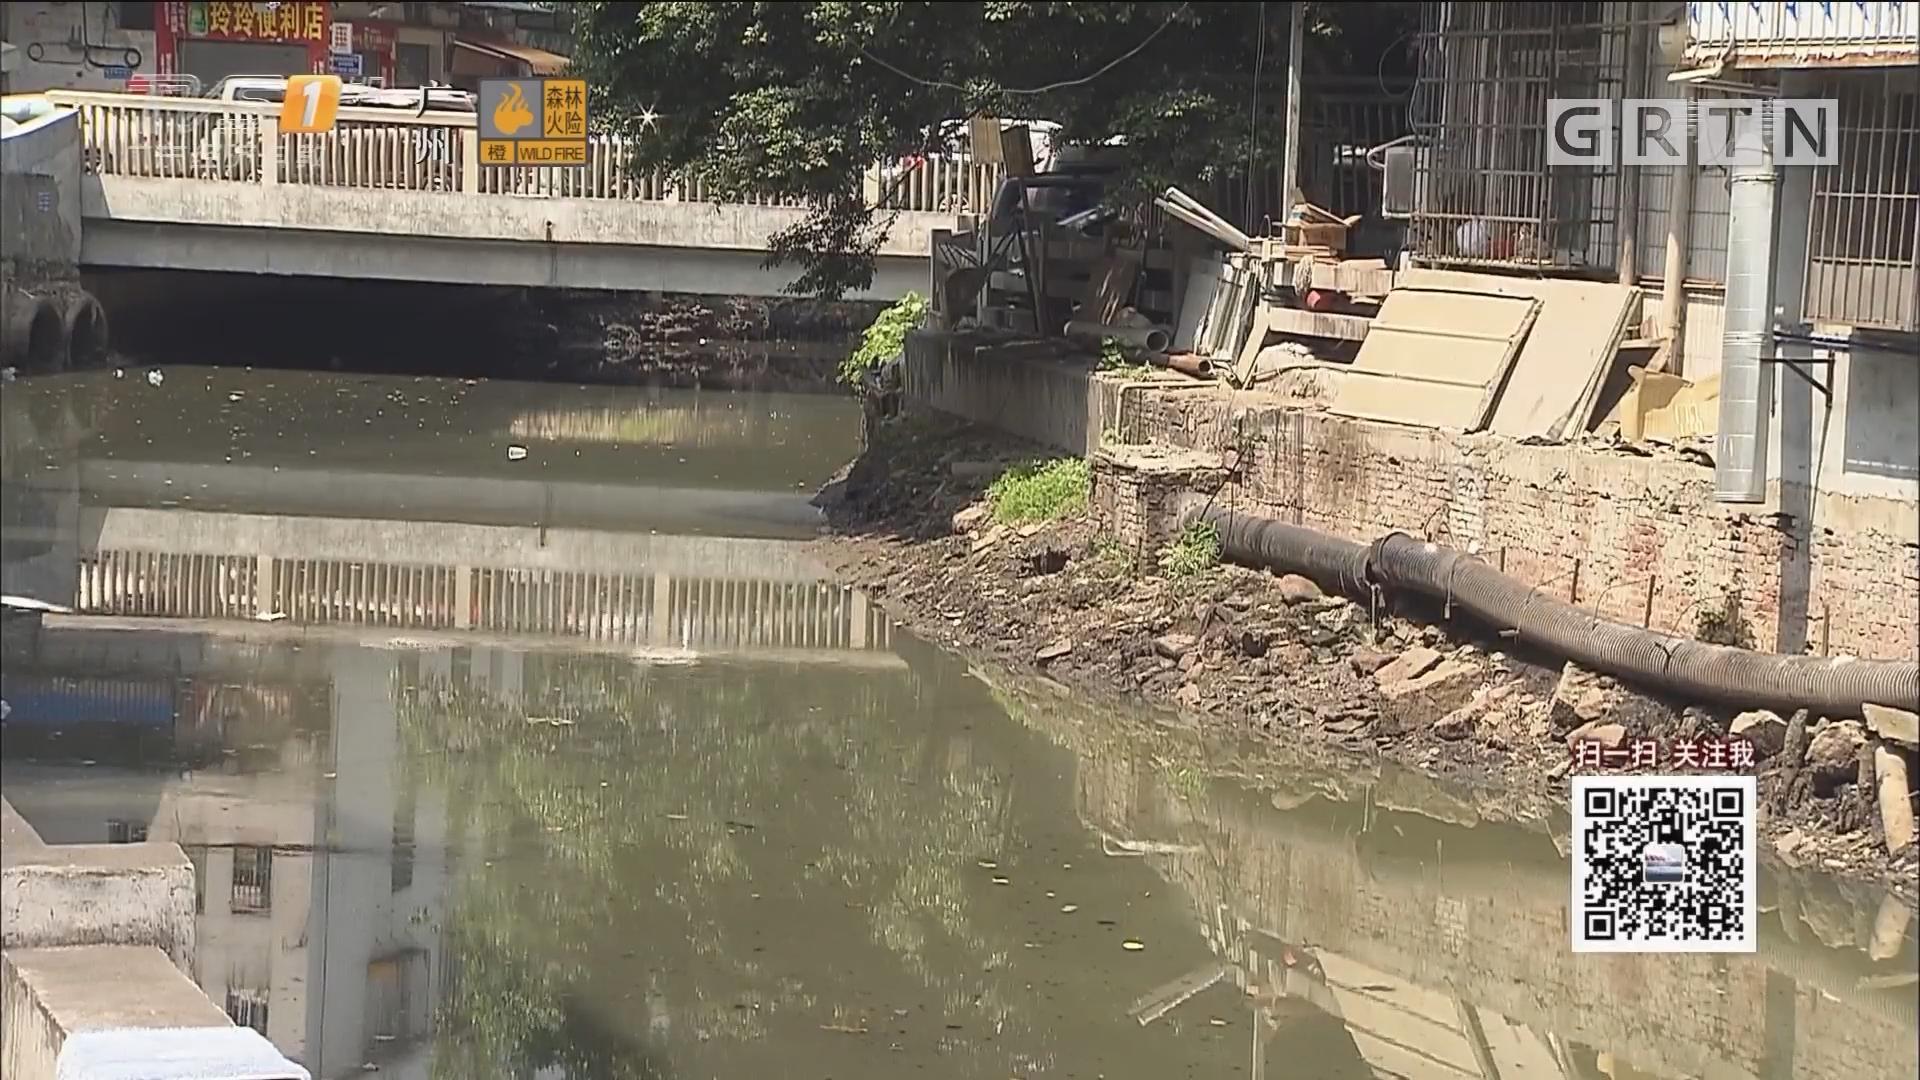 新闻追踪:广州瑞宝涌水污染 谁来负责?